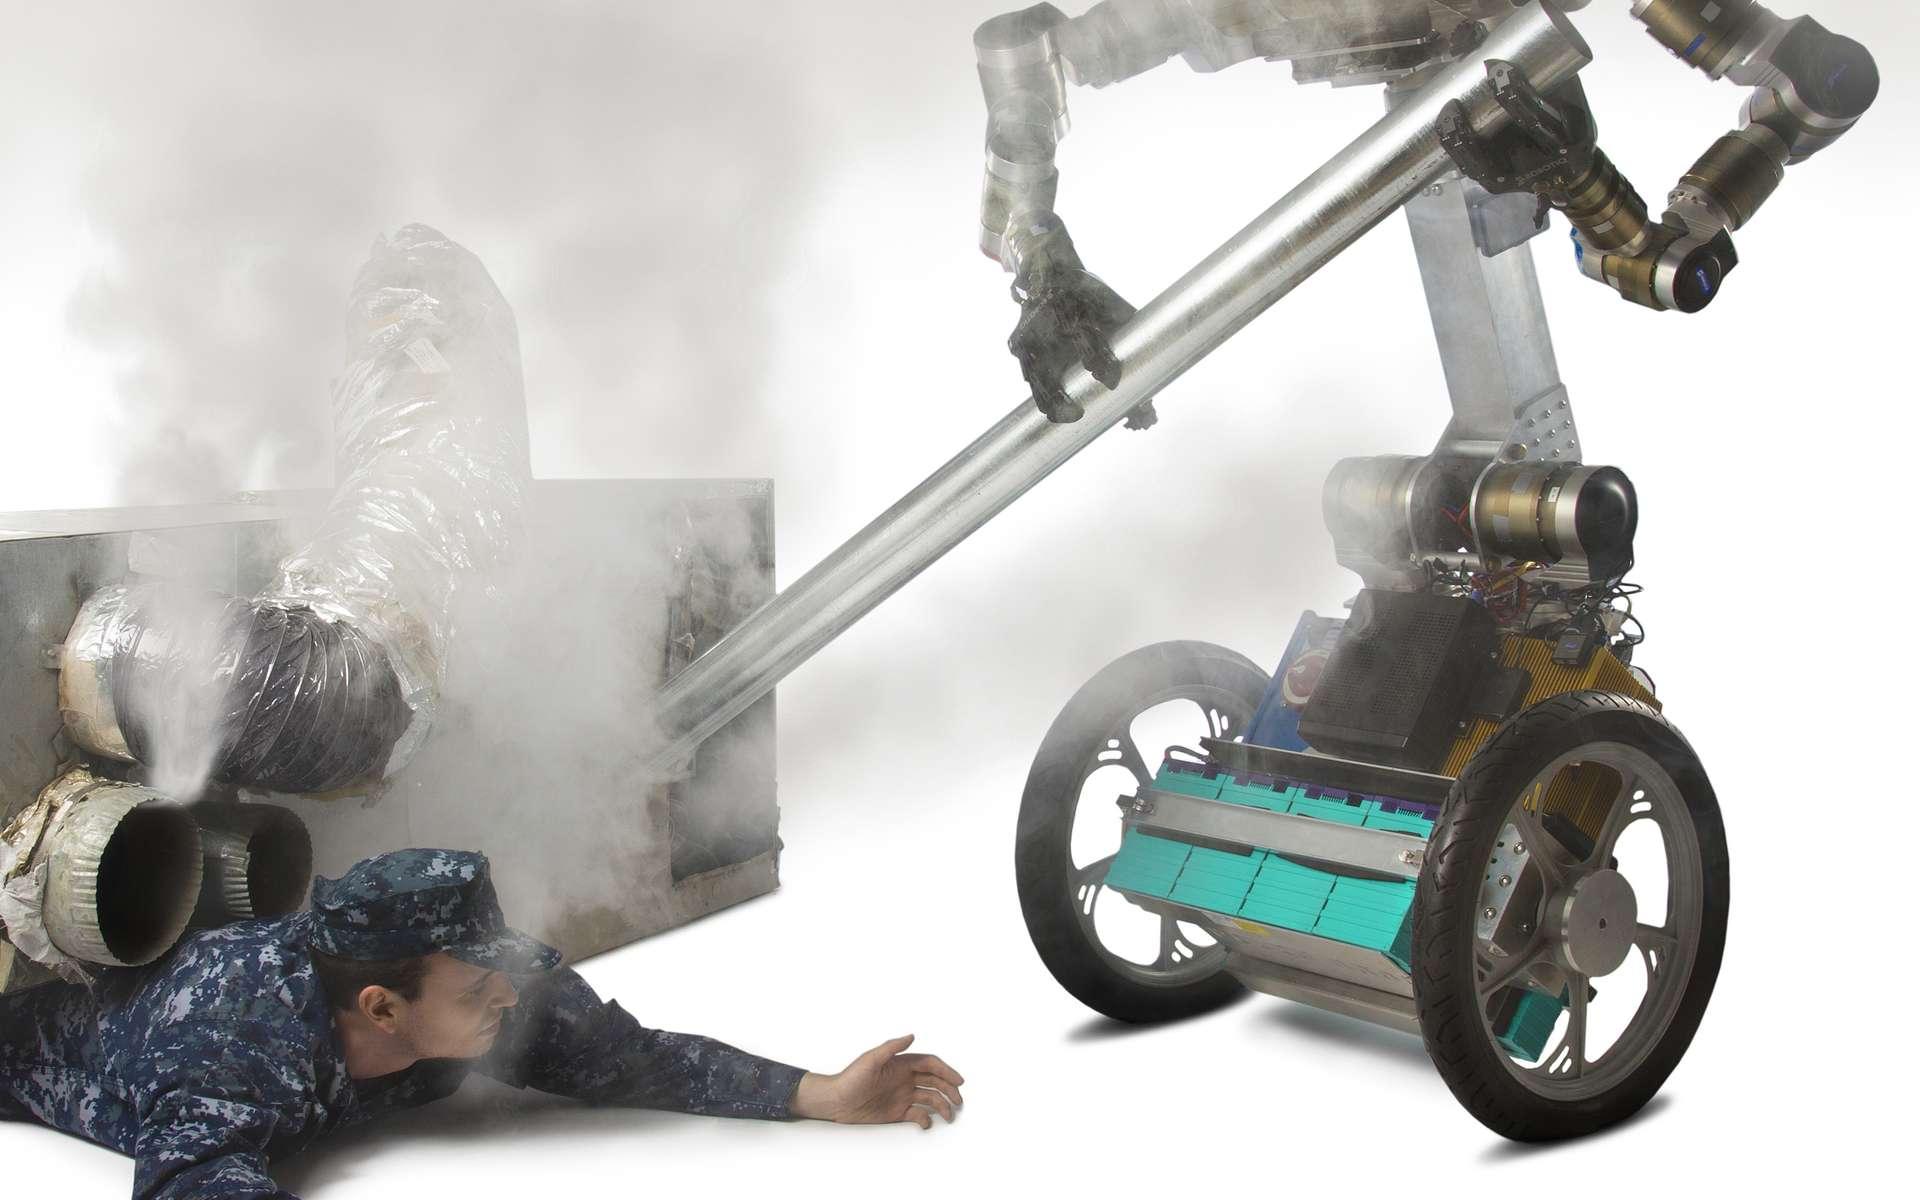 Dans cette autre simulation, le robot Golem Krang a compris comment se servir d'un tuyau pour faire levier et dégager la personne coincée sous les débris. © Georgia Institute of Technology